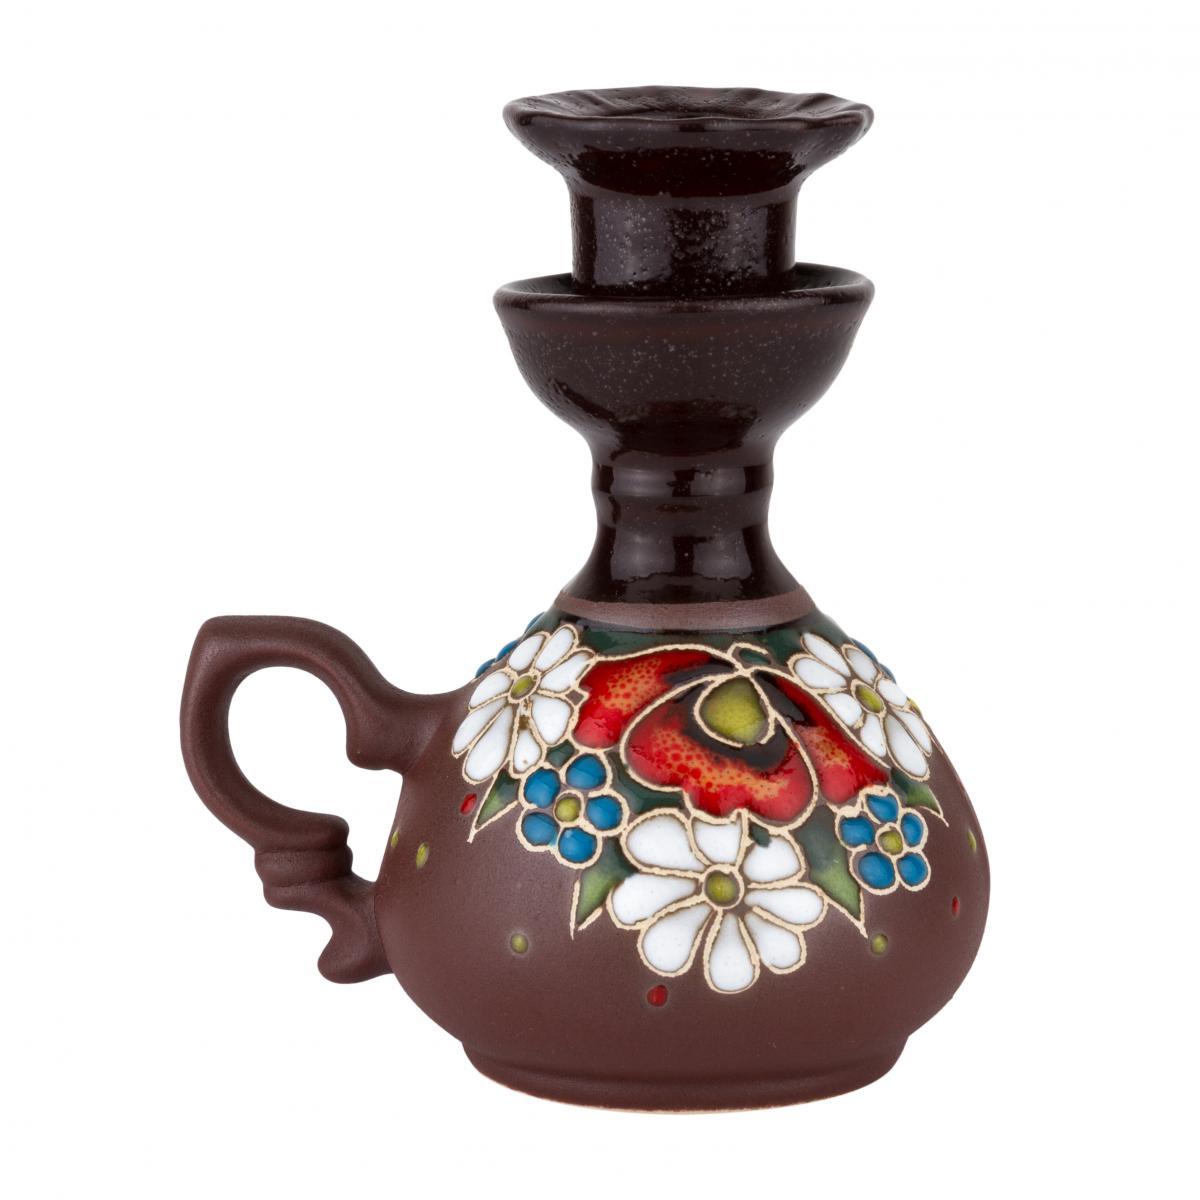 Подсвечник керамический. Фото №1. | Народный дом Украина